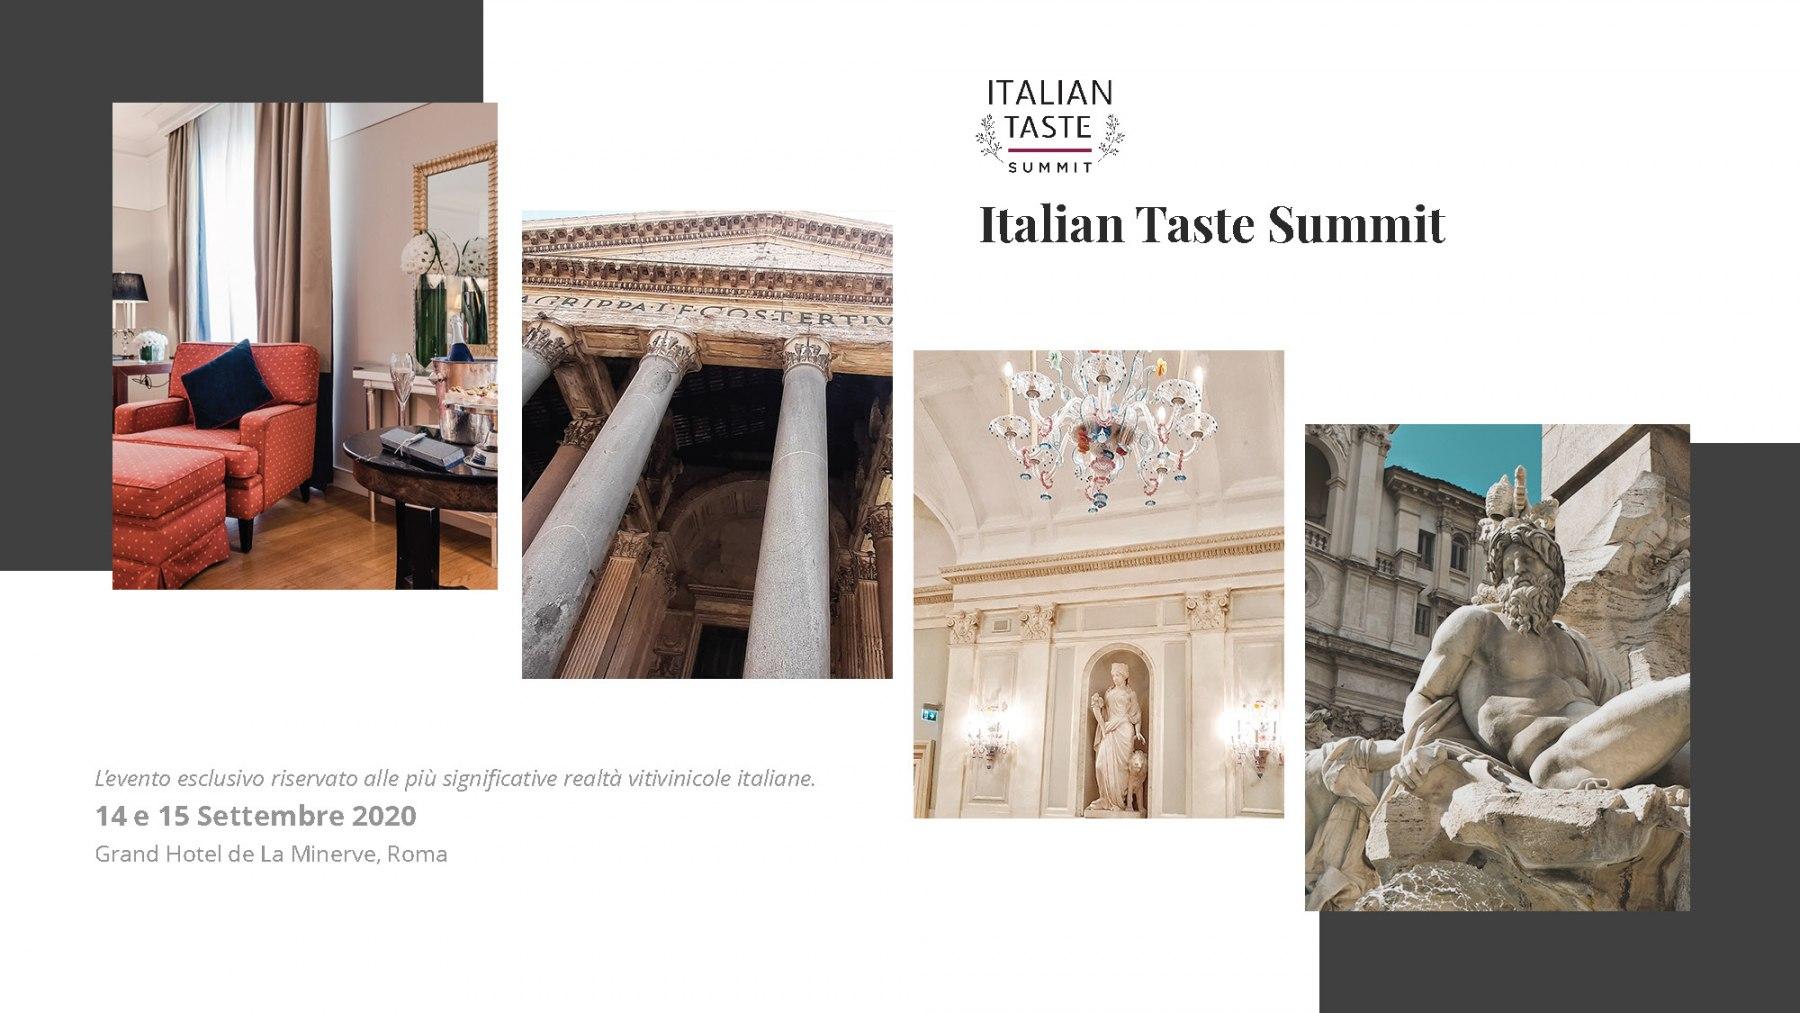 Italian-Taste-Summit-IT-2020_11